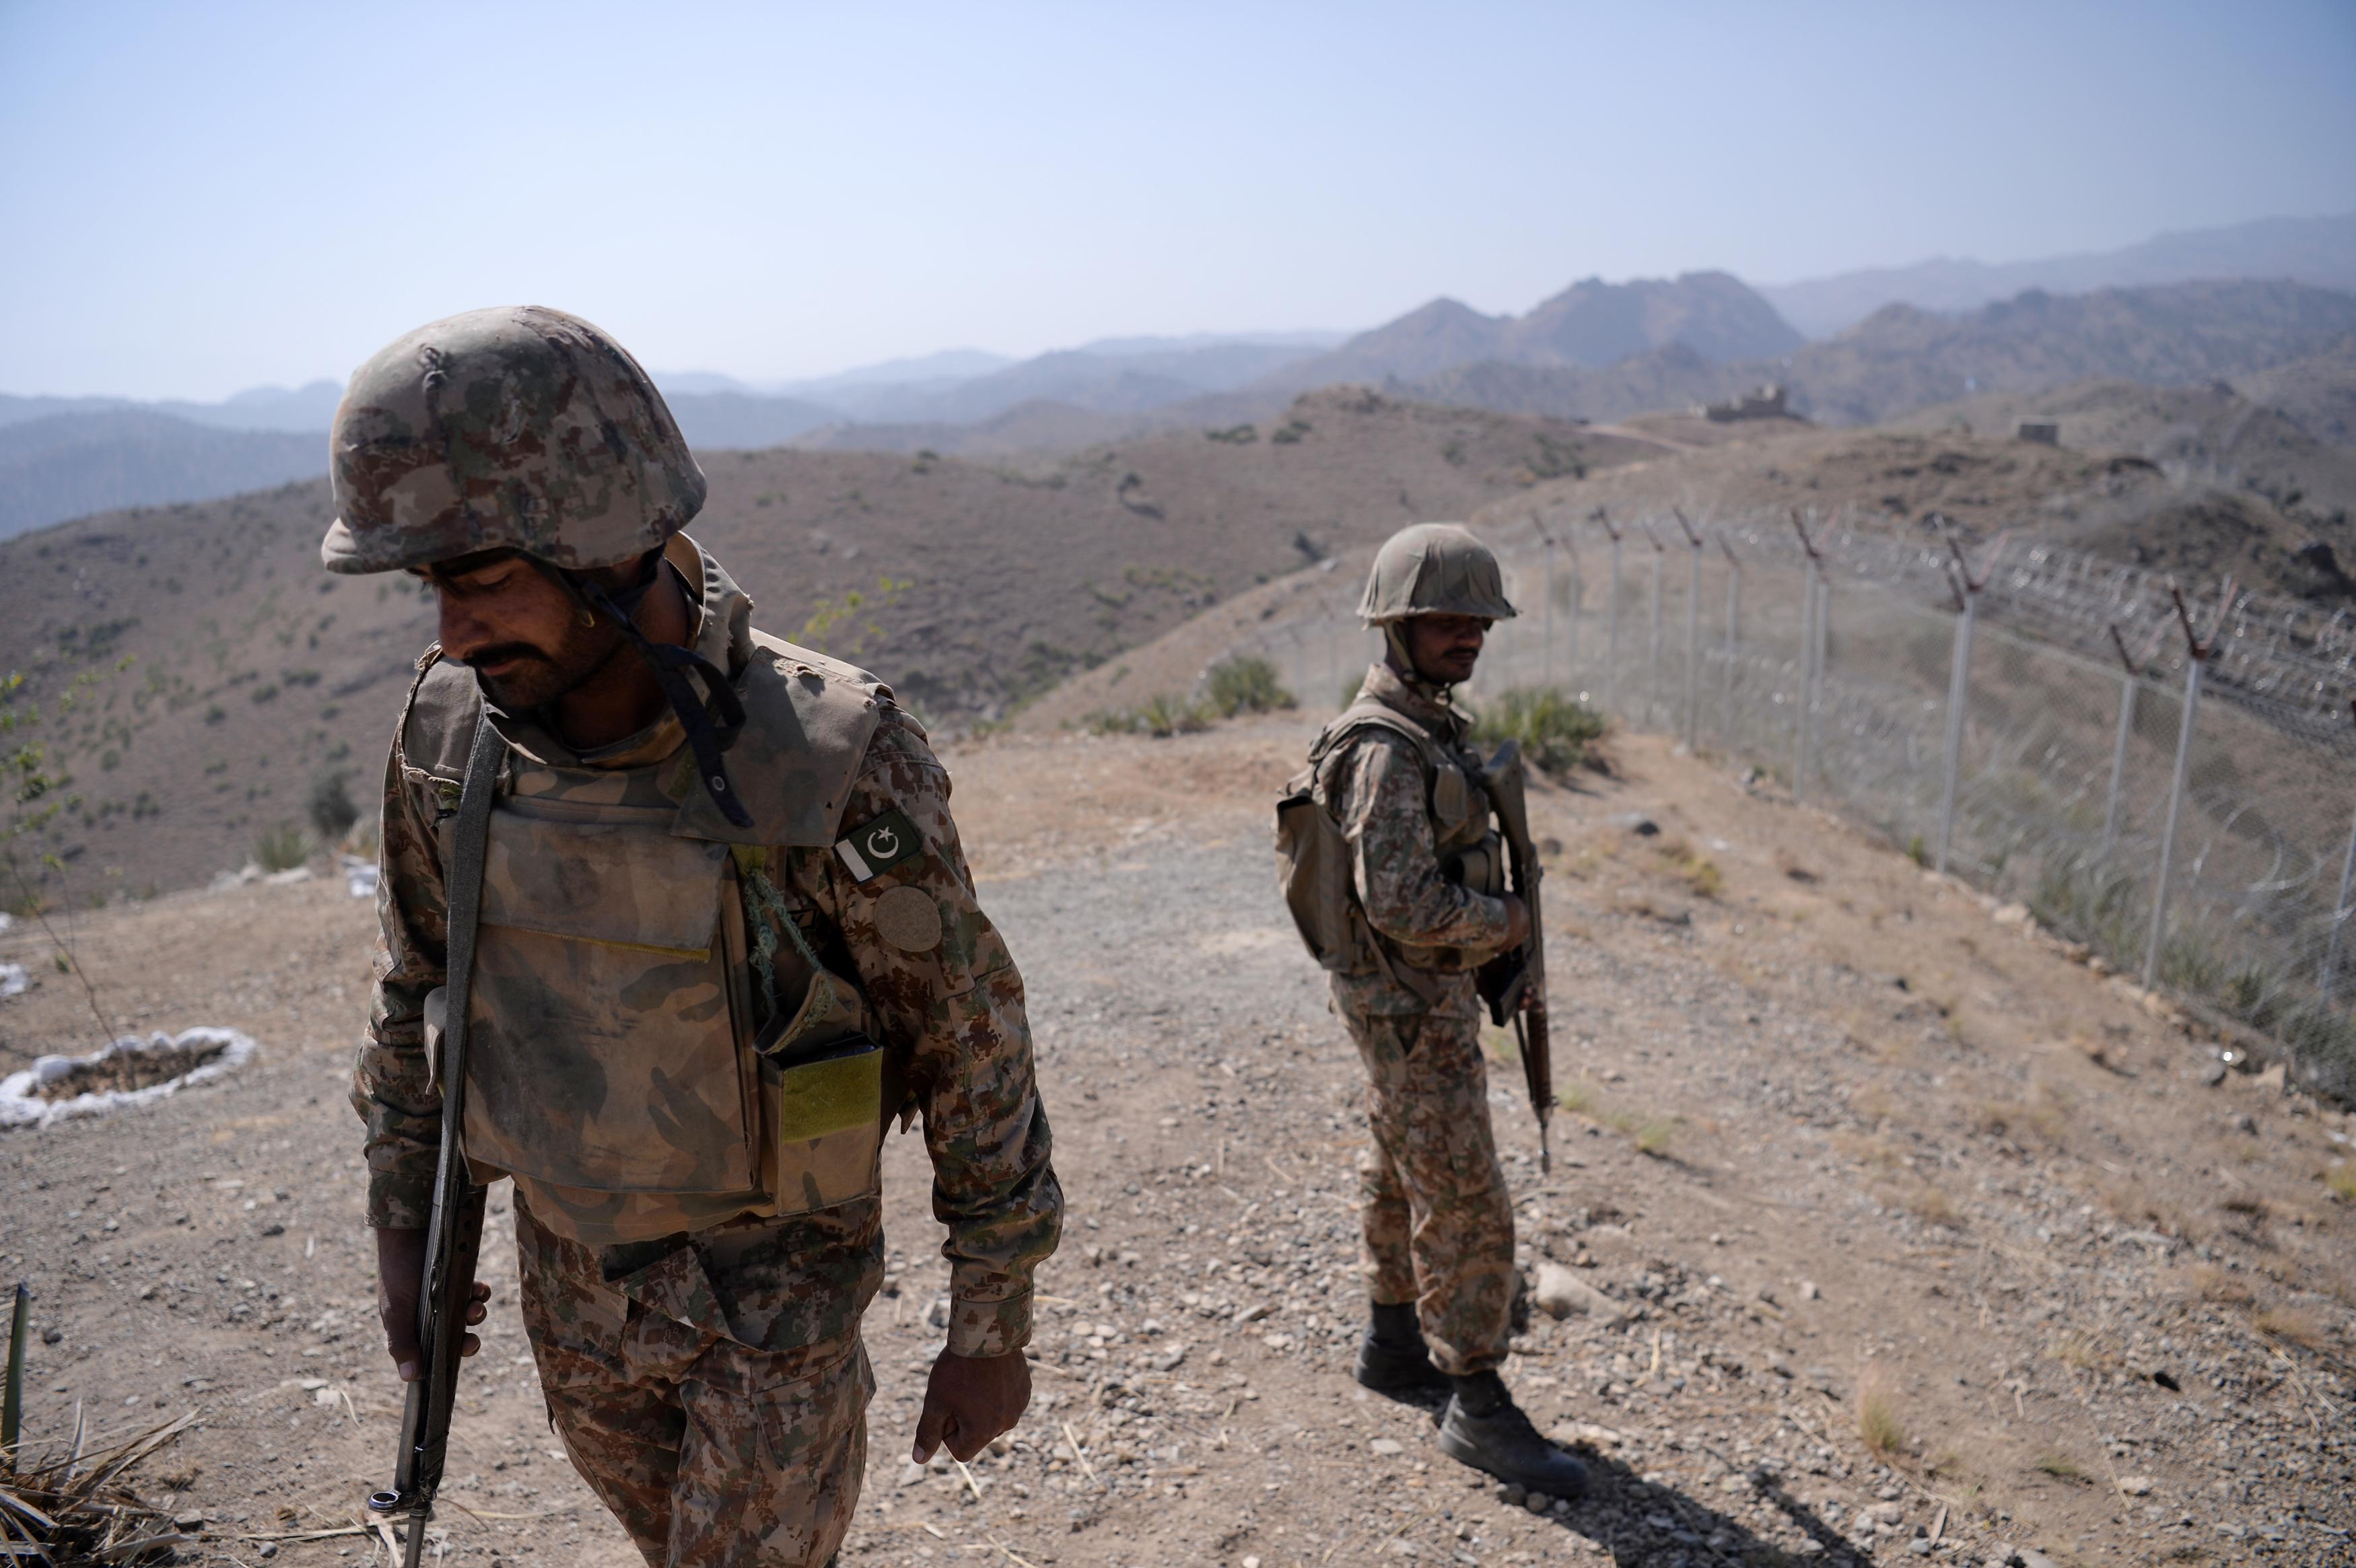 پاکستان و افغانستان پس از درگیری ها در نزدیکی سرحد تنش ها را کاهش داده اند